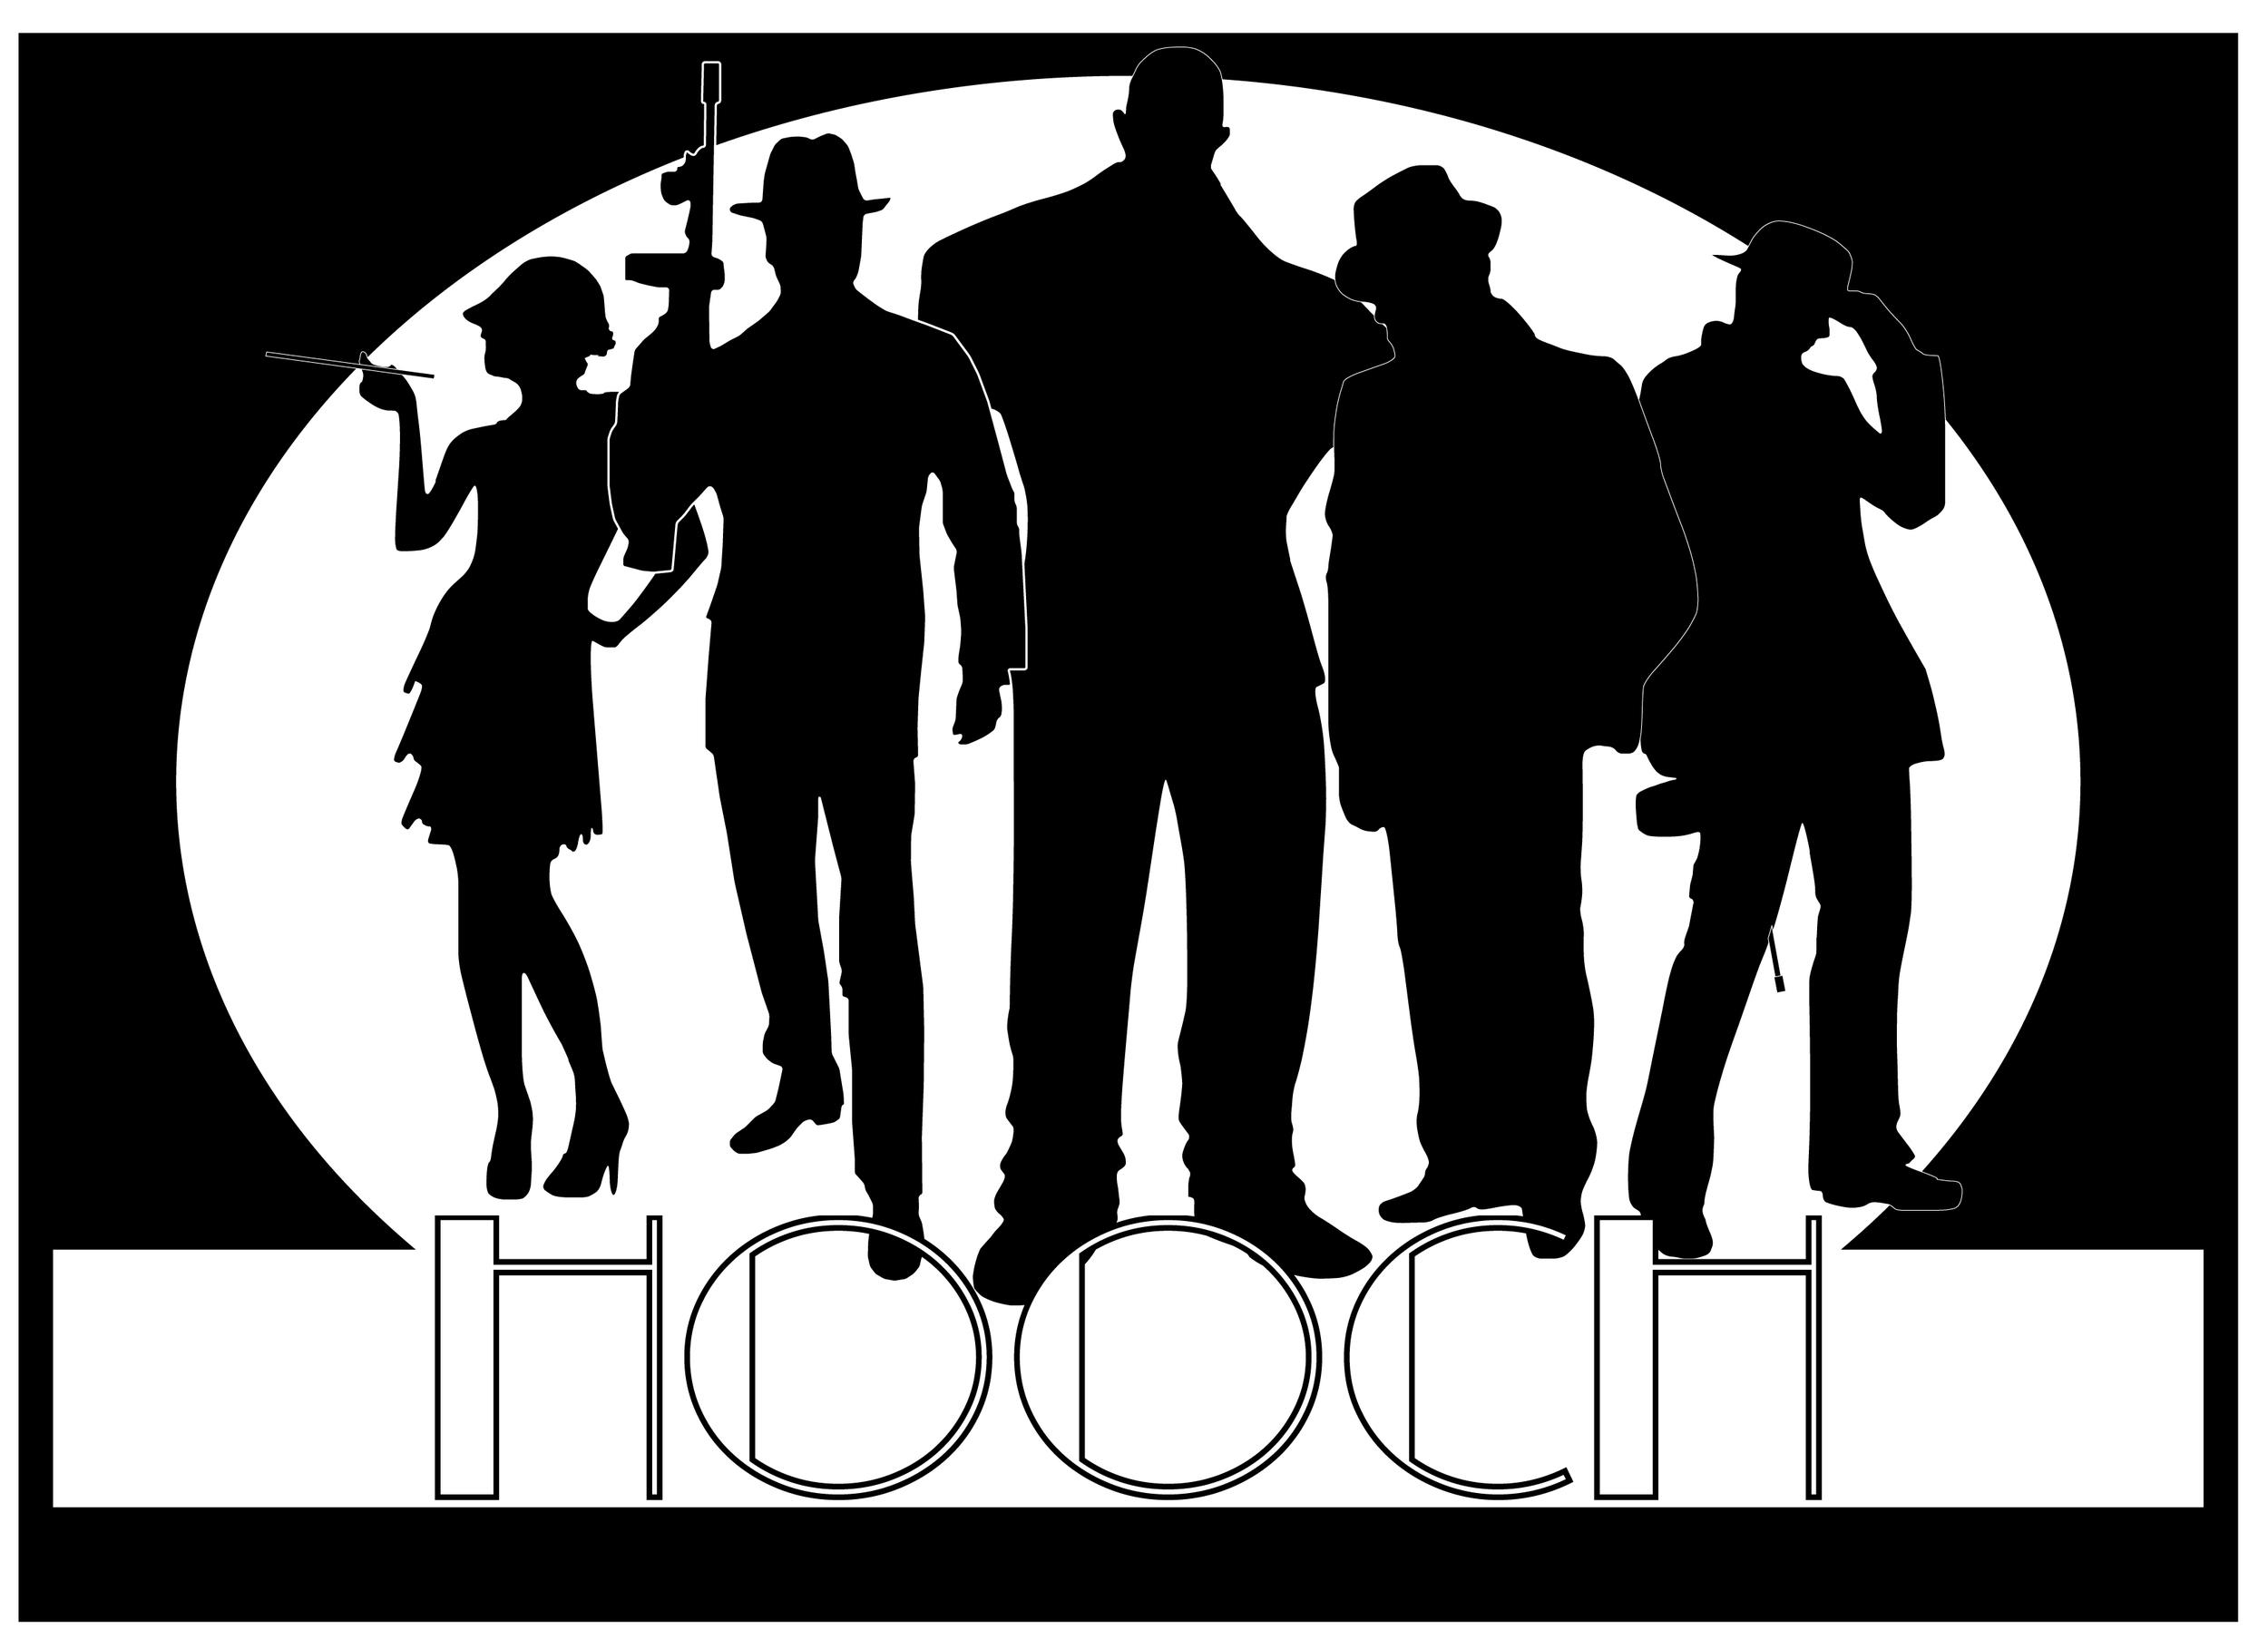 Hooch_Logo for hooch crate-01.jpg